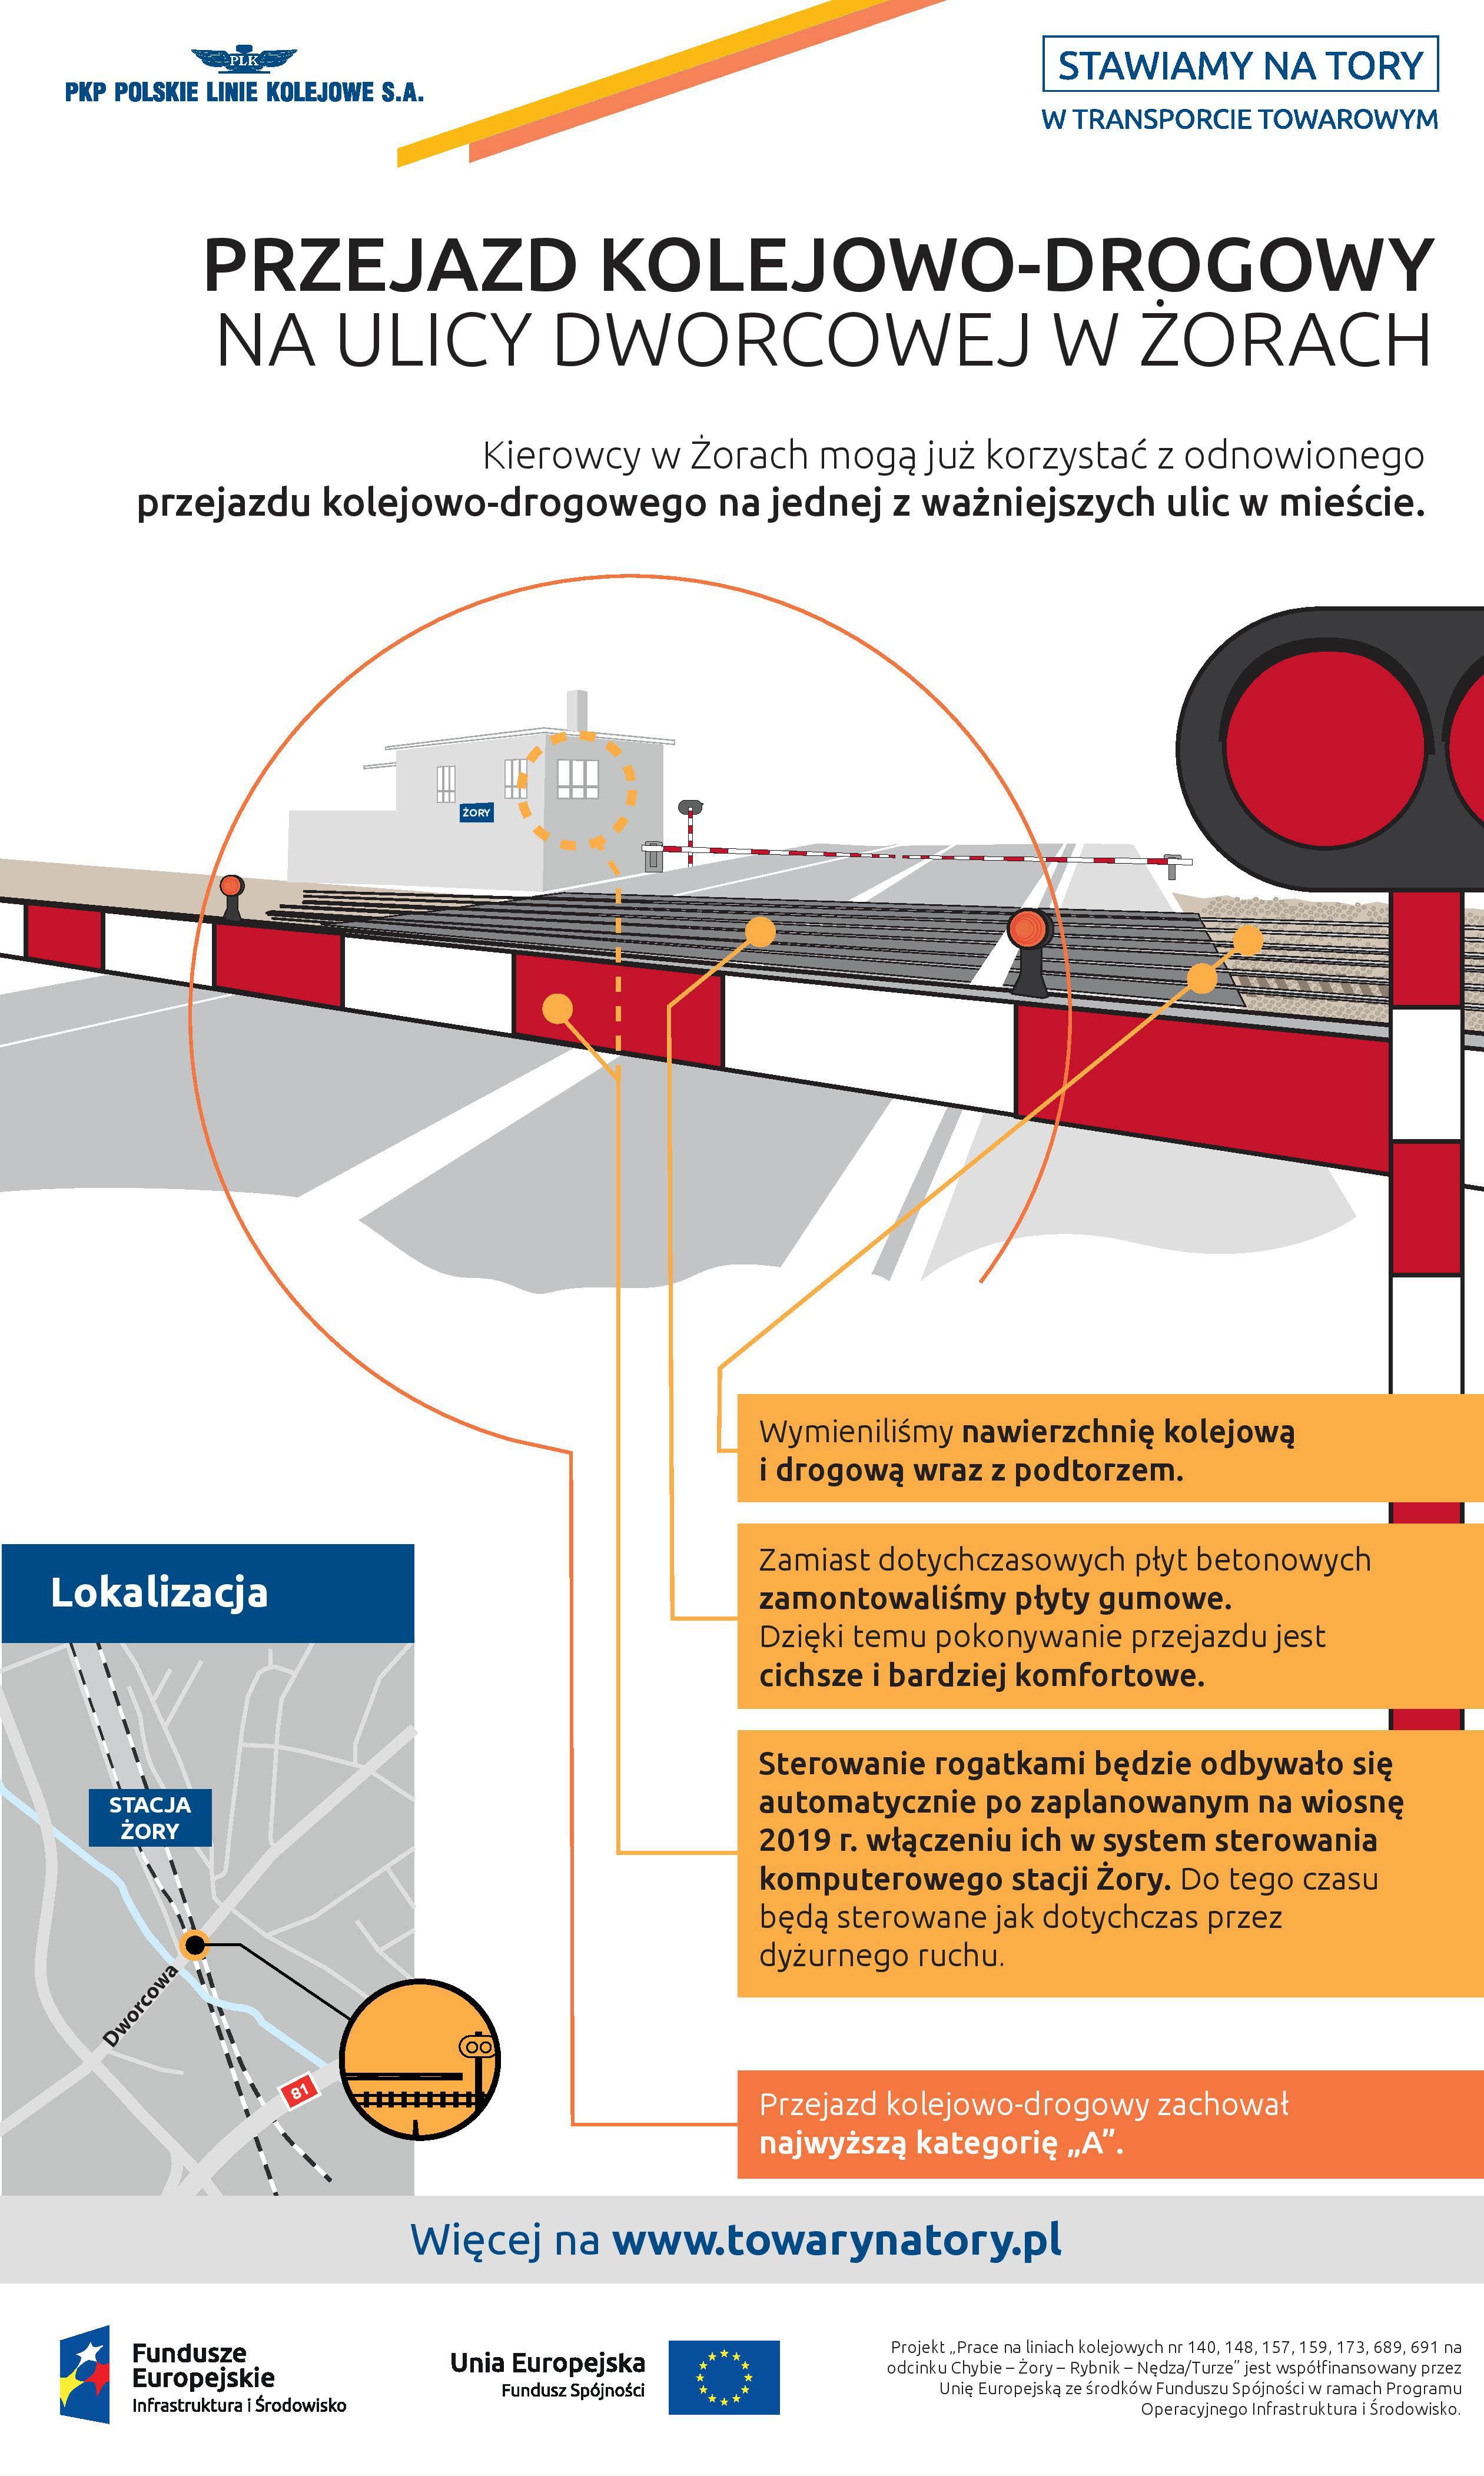 Infografika mówi o otwarciu przejazdu kolejowego drogowego na ulicy Dworcowej w Żorach. Wymieniona została nawierzchnia kolejowa i drogowa wraz z podtorzem.